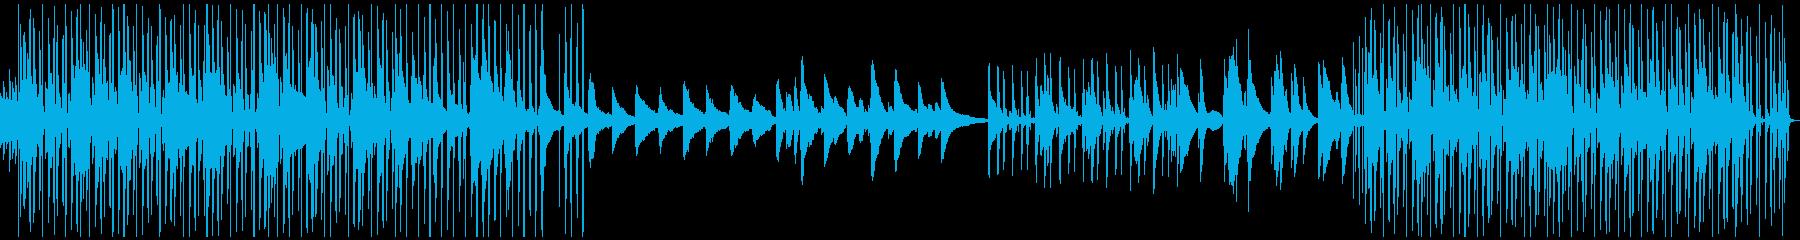 おしゃれなチル系ピアノBGMの再生済みの波形